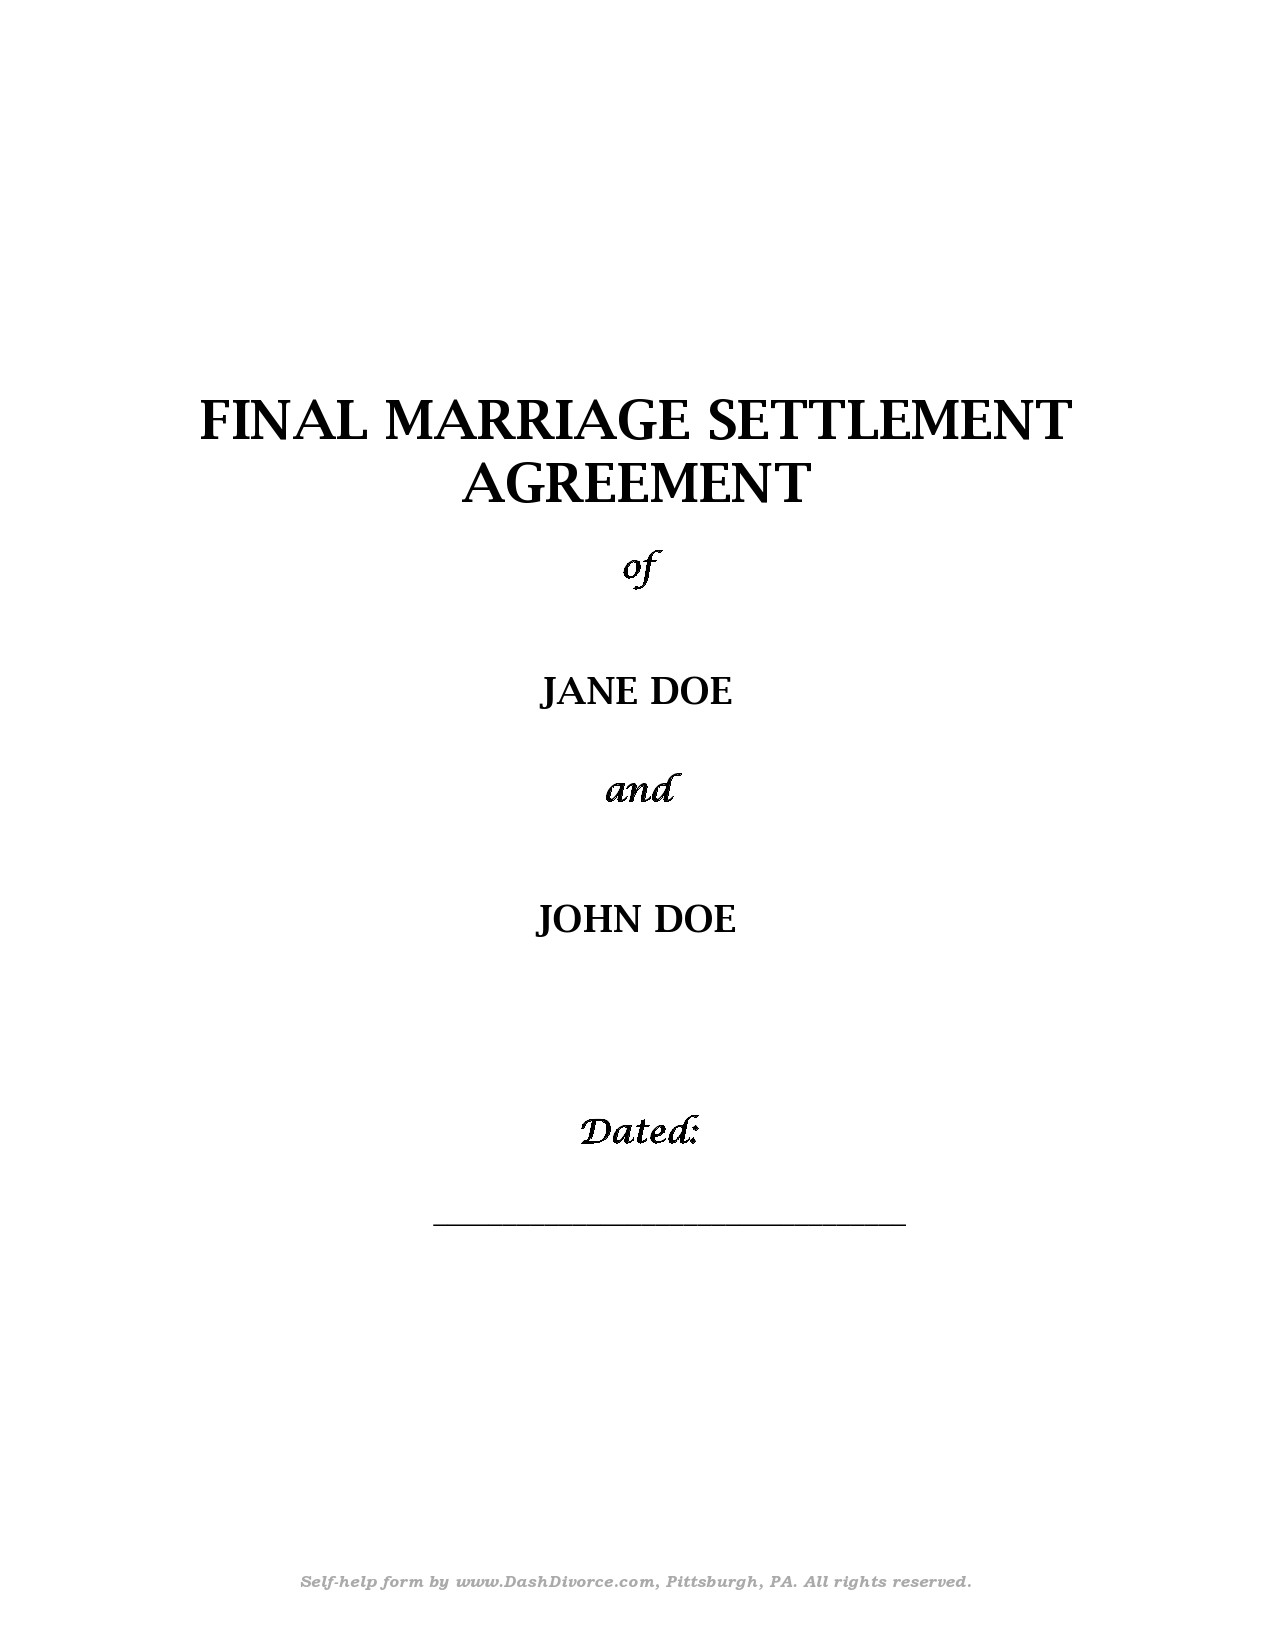 Free marital settlement agreement 29